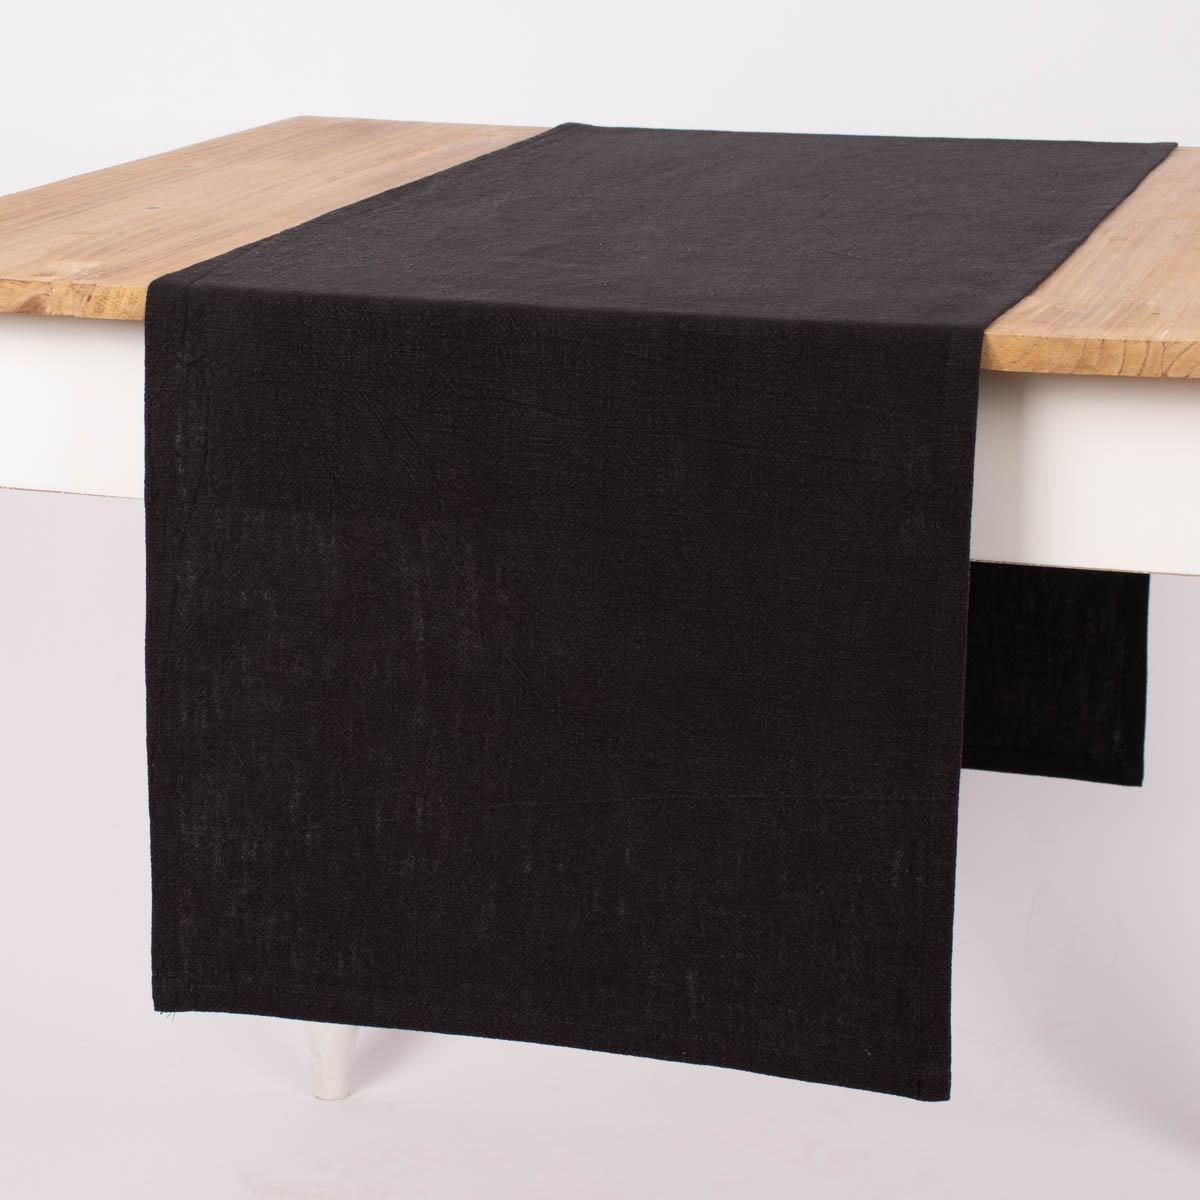 SCHÖNER LEBEN. Tischläufer Bio Ramie Leinenoptik schwarz 40x160cm